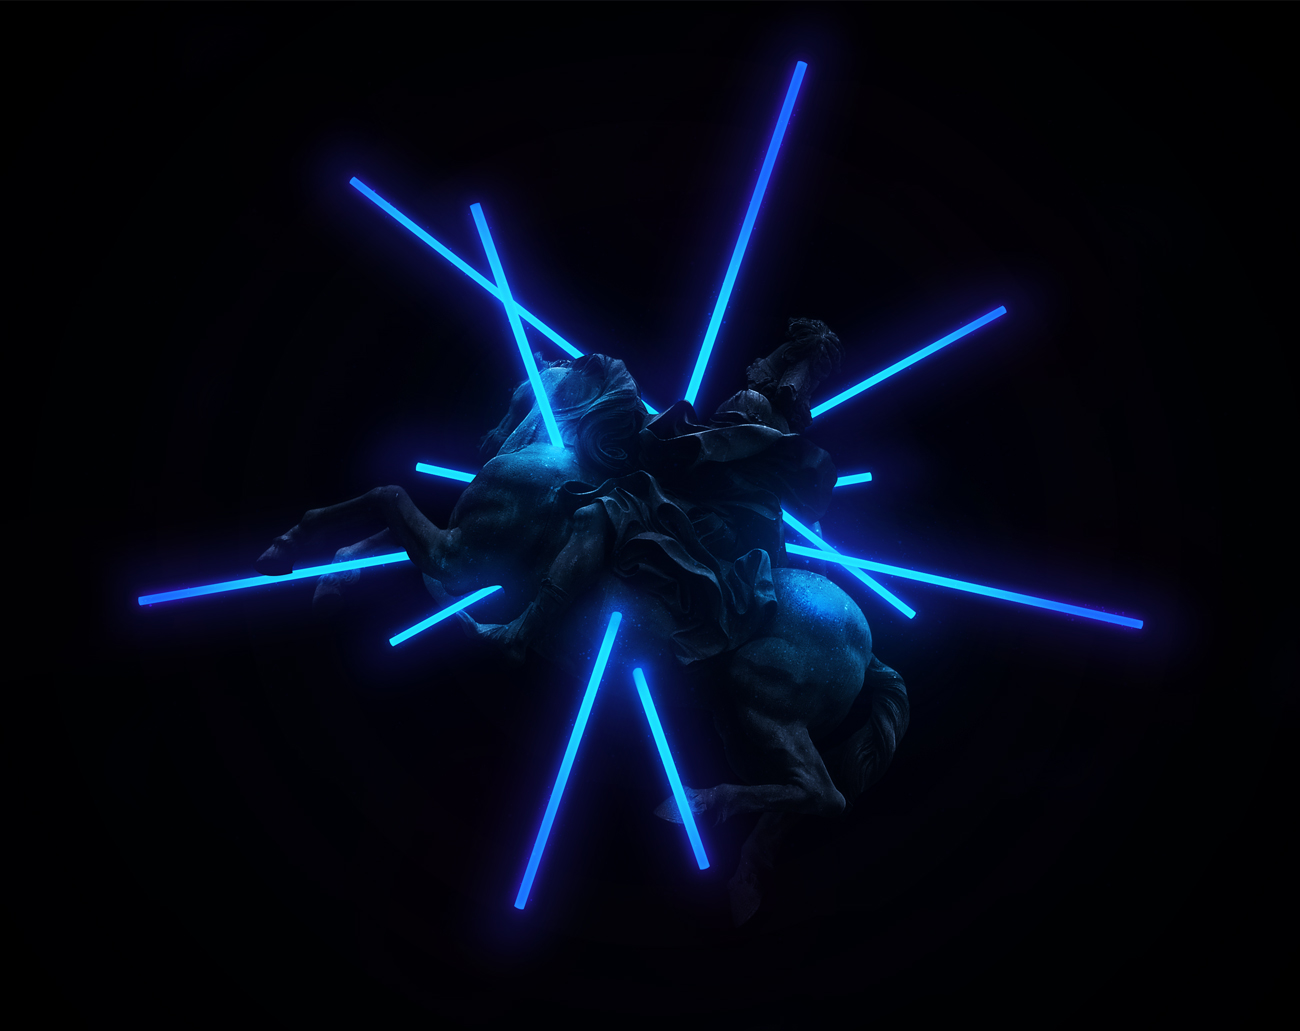 neonhorse